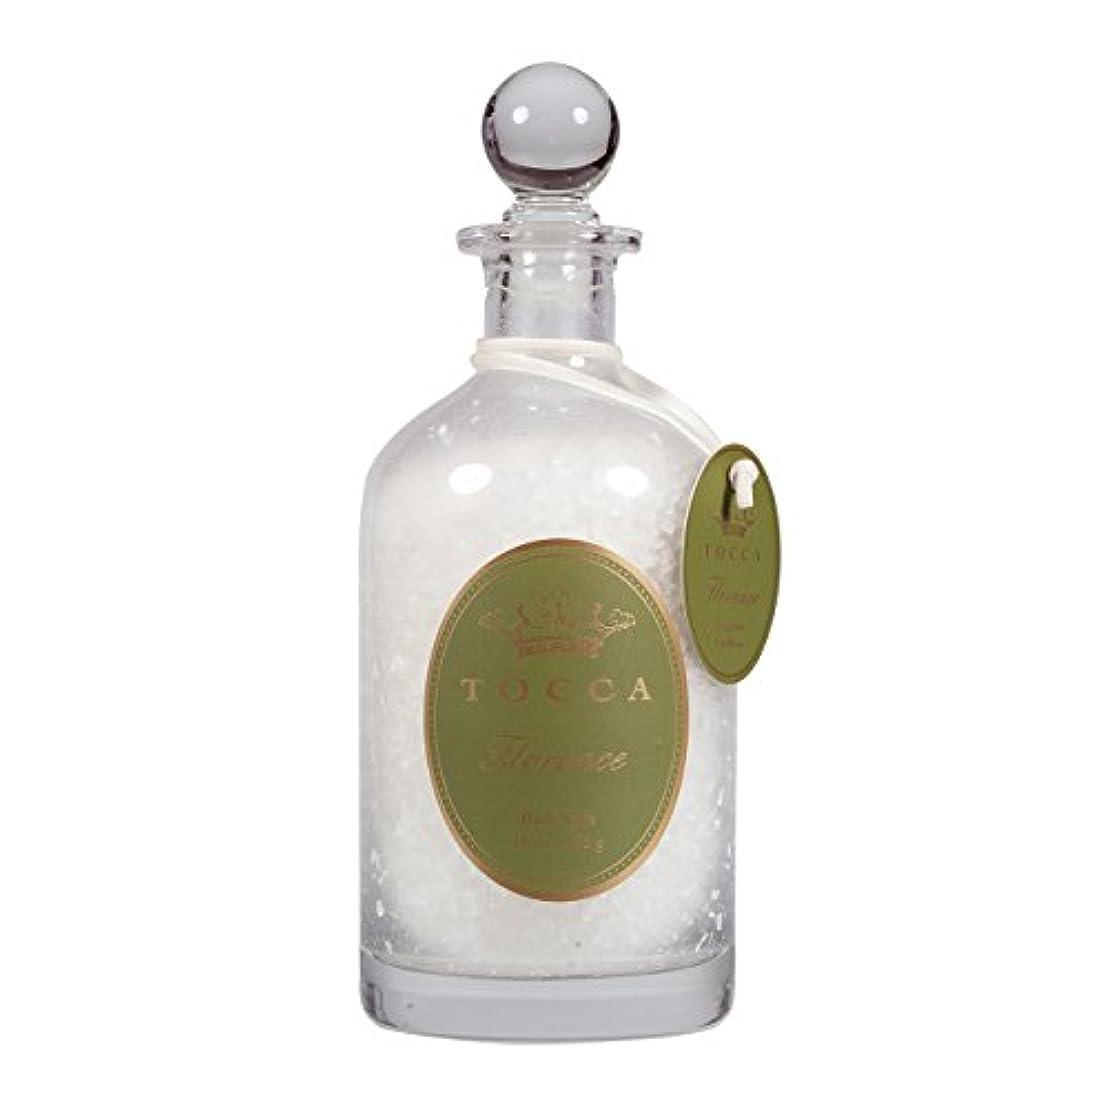 毎月子供っぽいセーブトッカ(TOCCA) バスソルト 535g フローレンスの香り (約10回分)